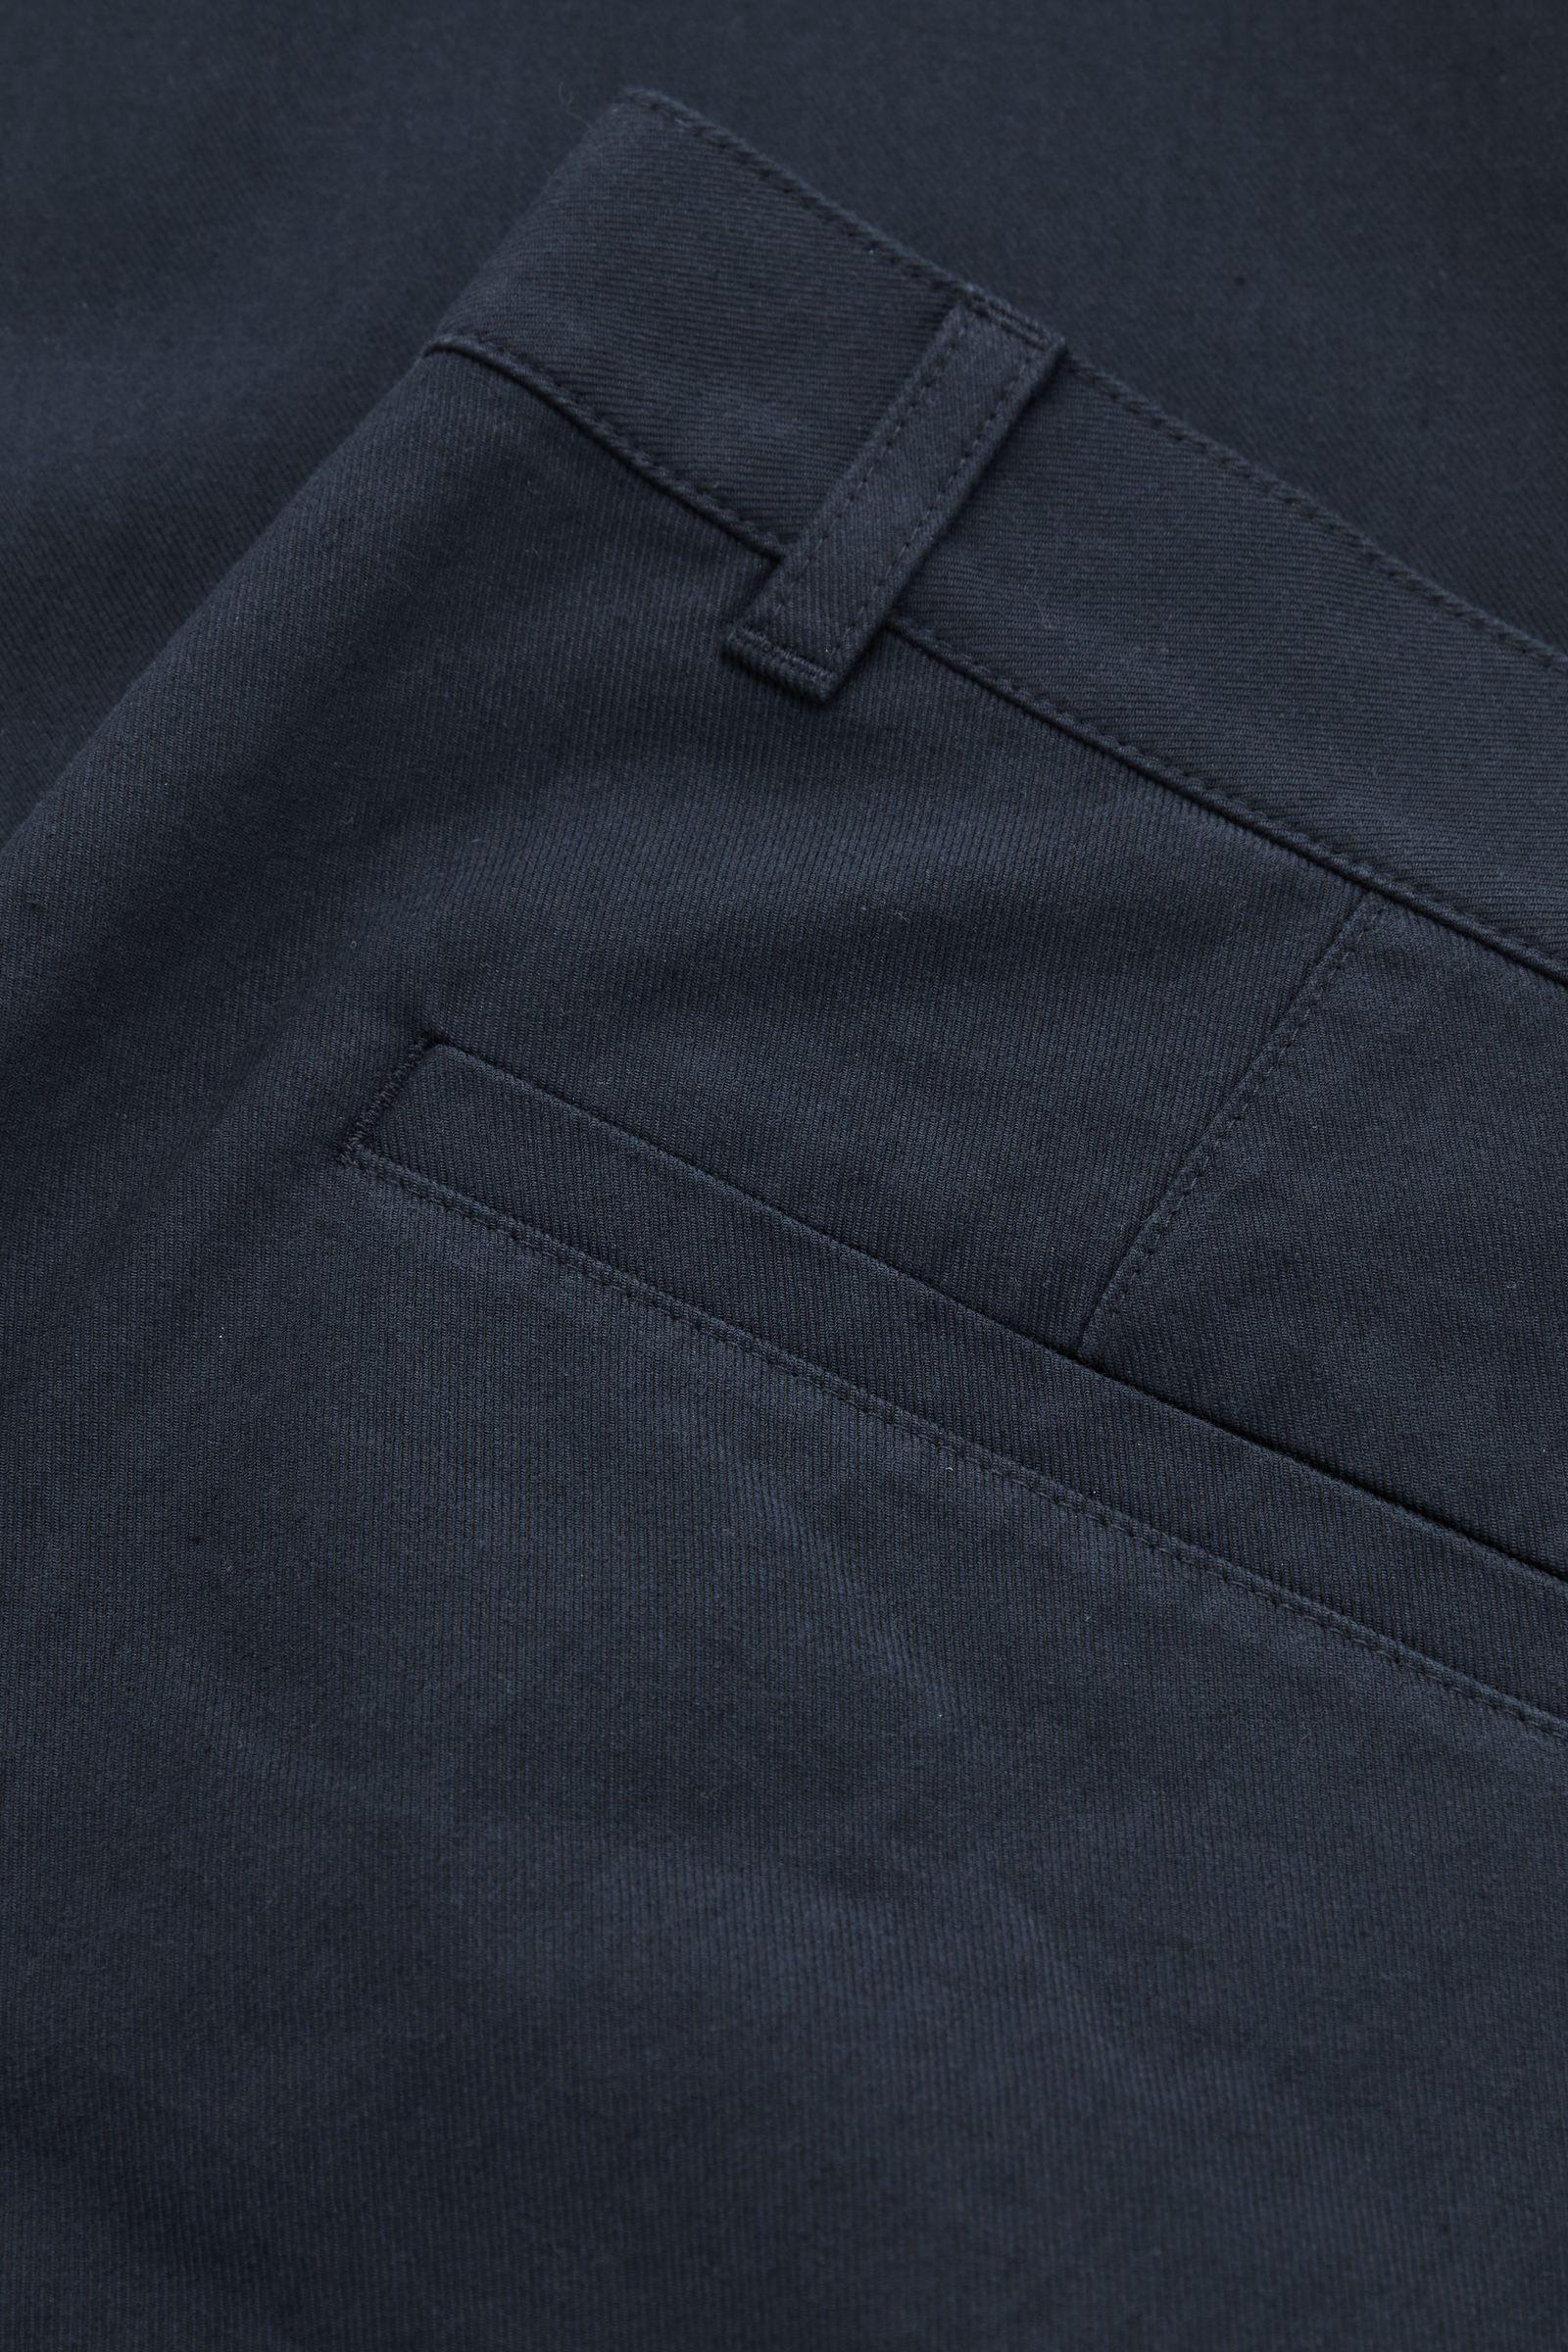 COS 레귤러 핏 테이퍼드 치노의 다크 블루컬러 Detail입니다.